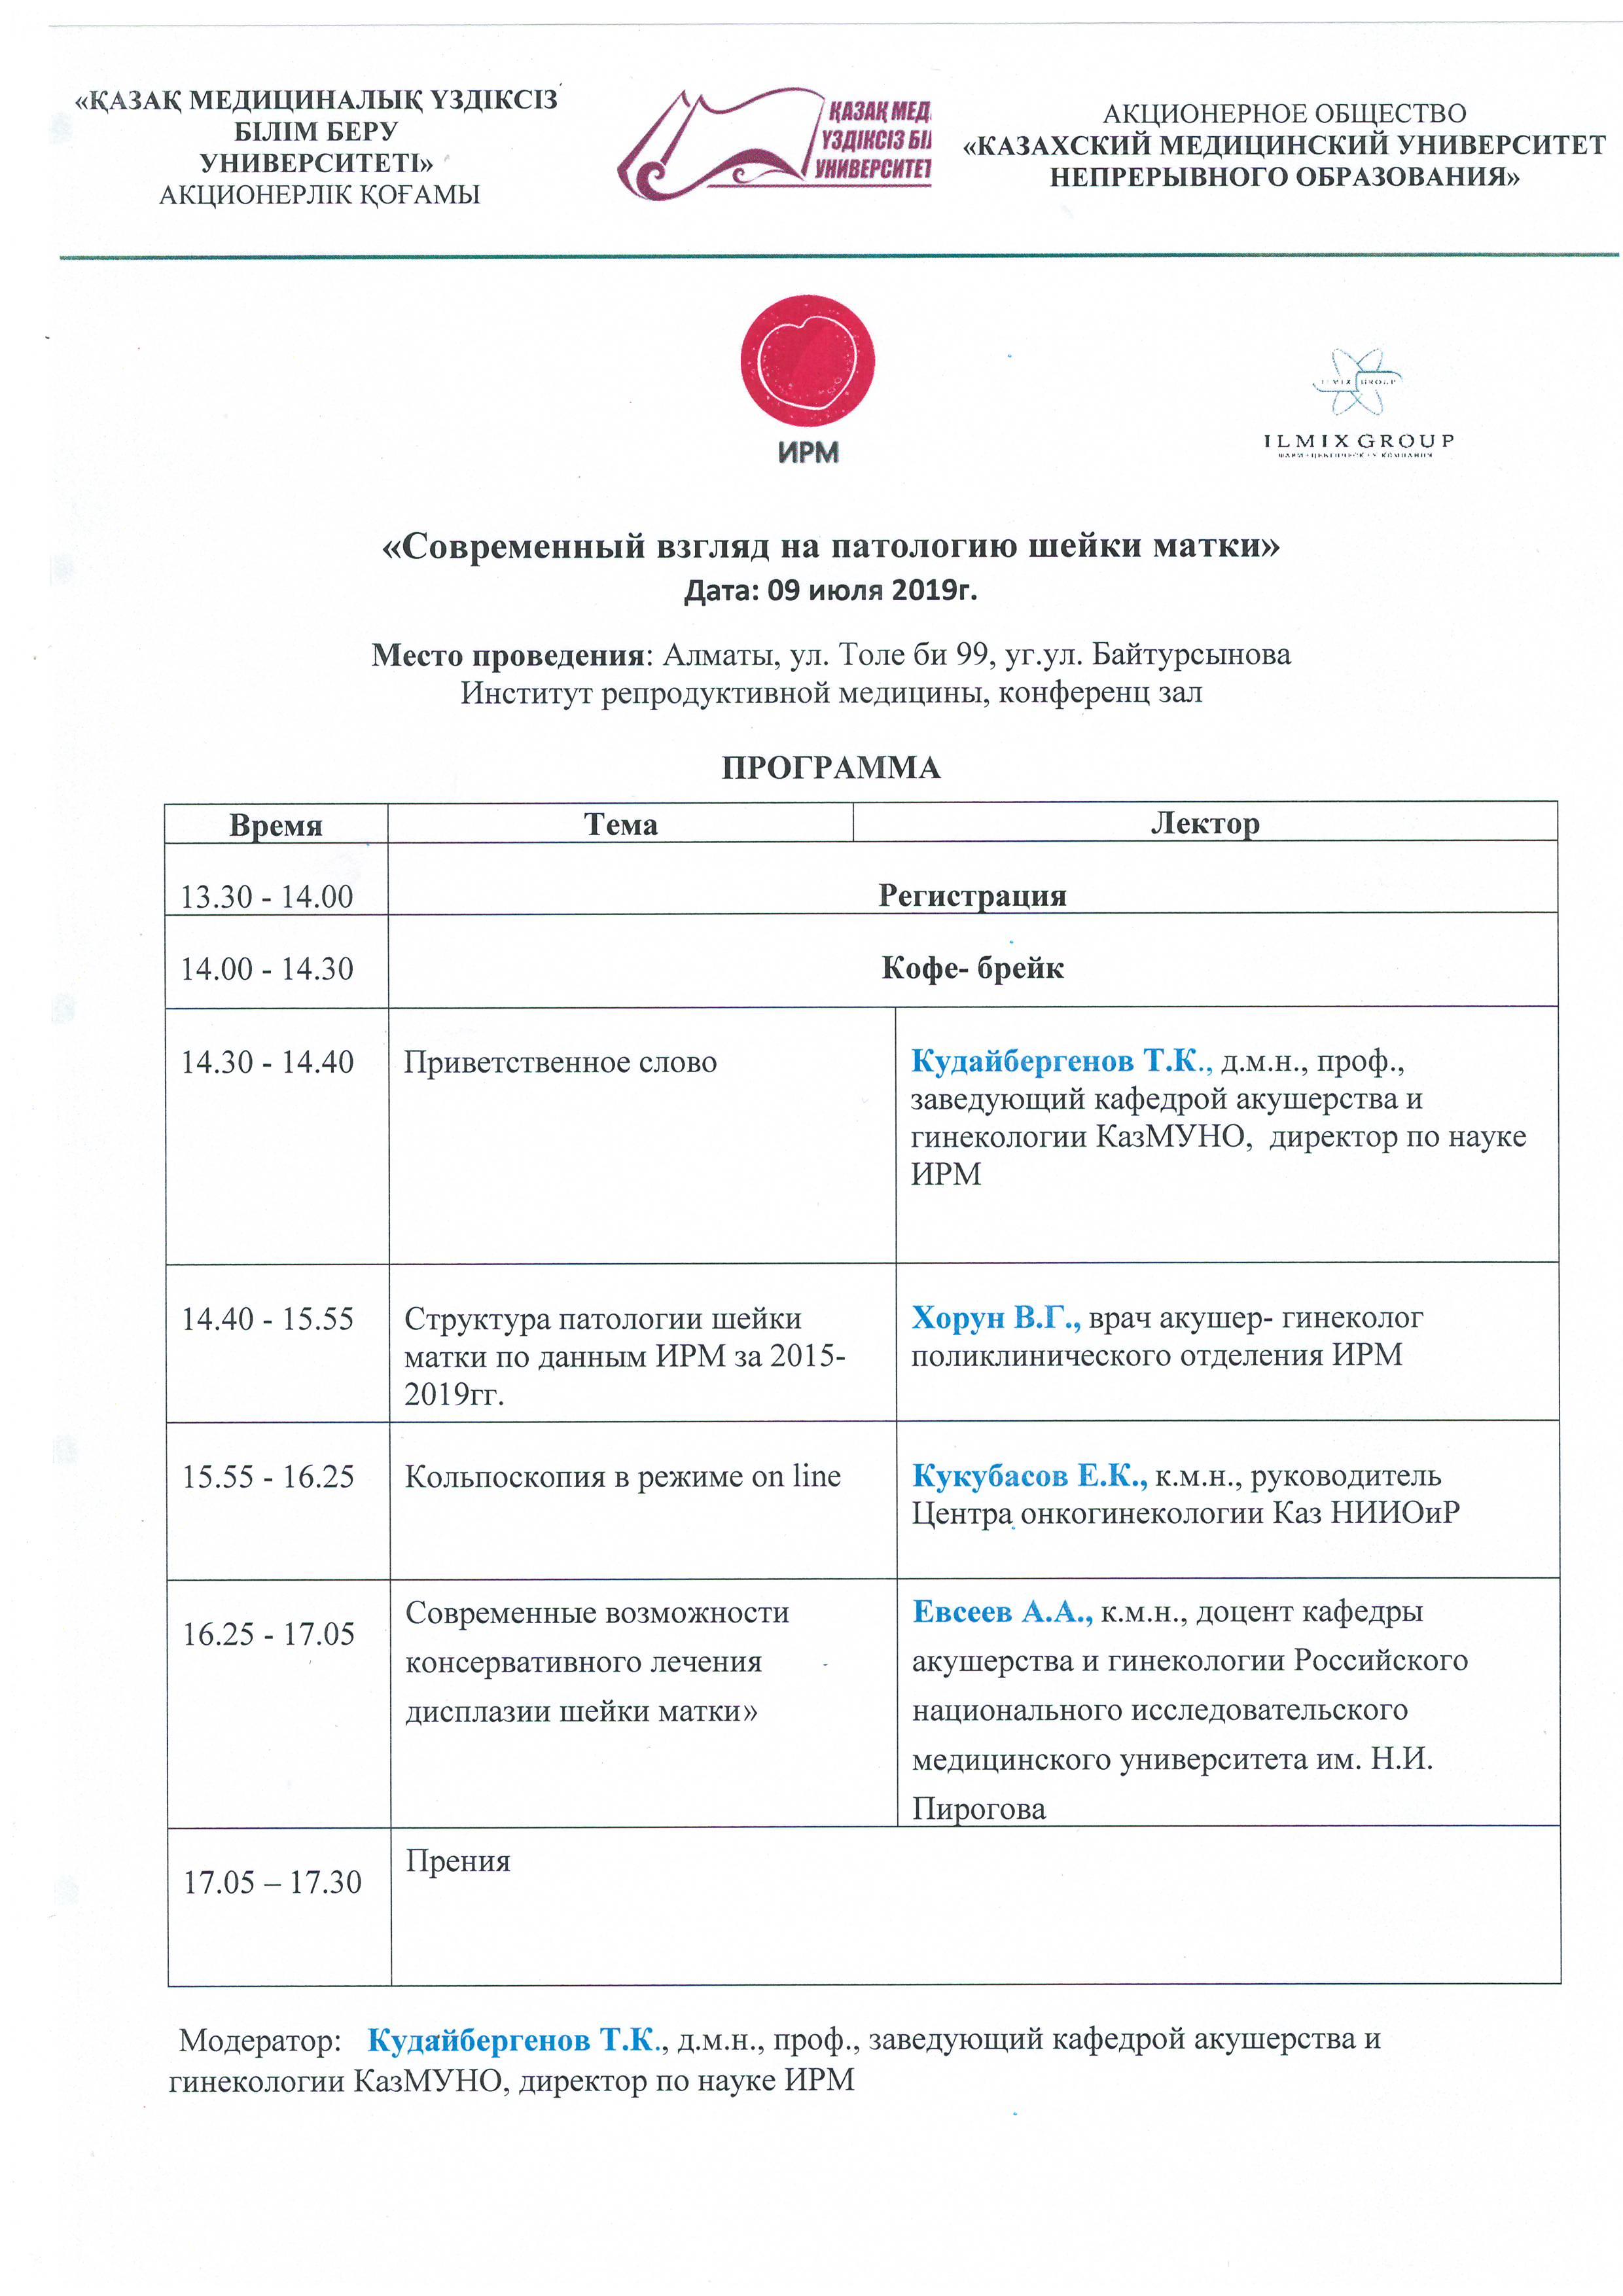 9 июля конференция «Современный взгляд на патологию шейки матки» фото